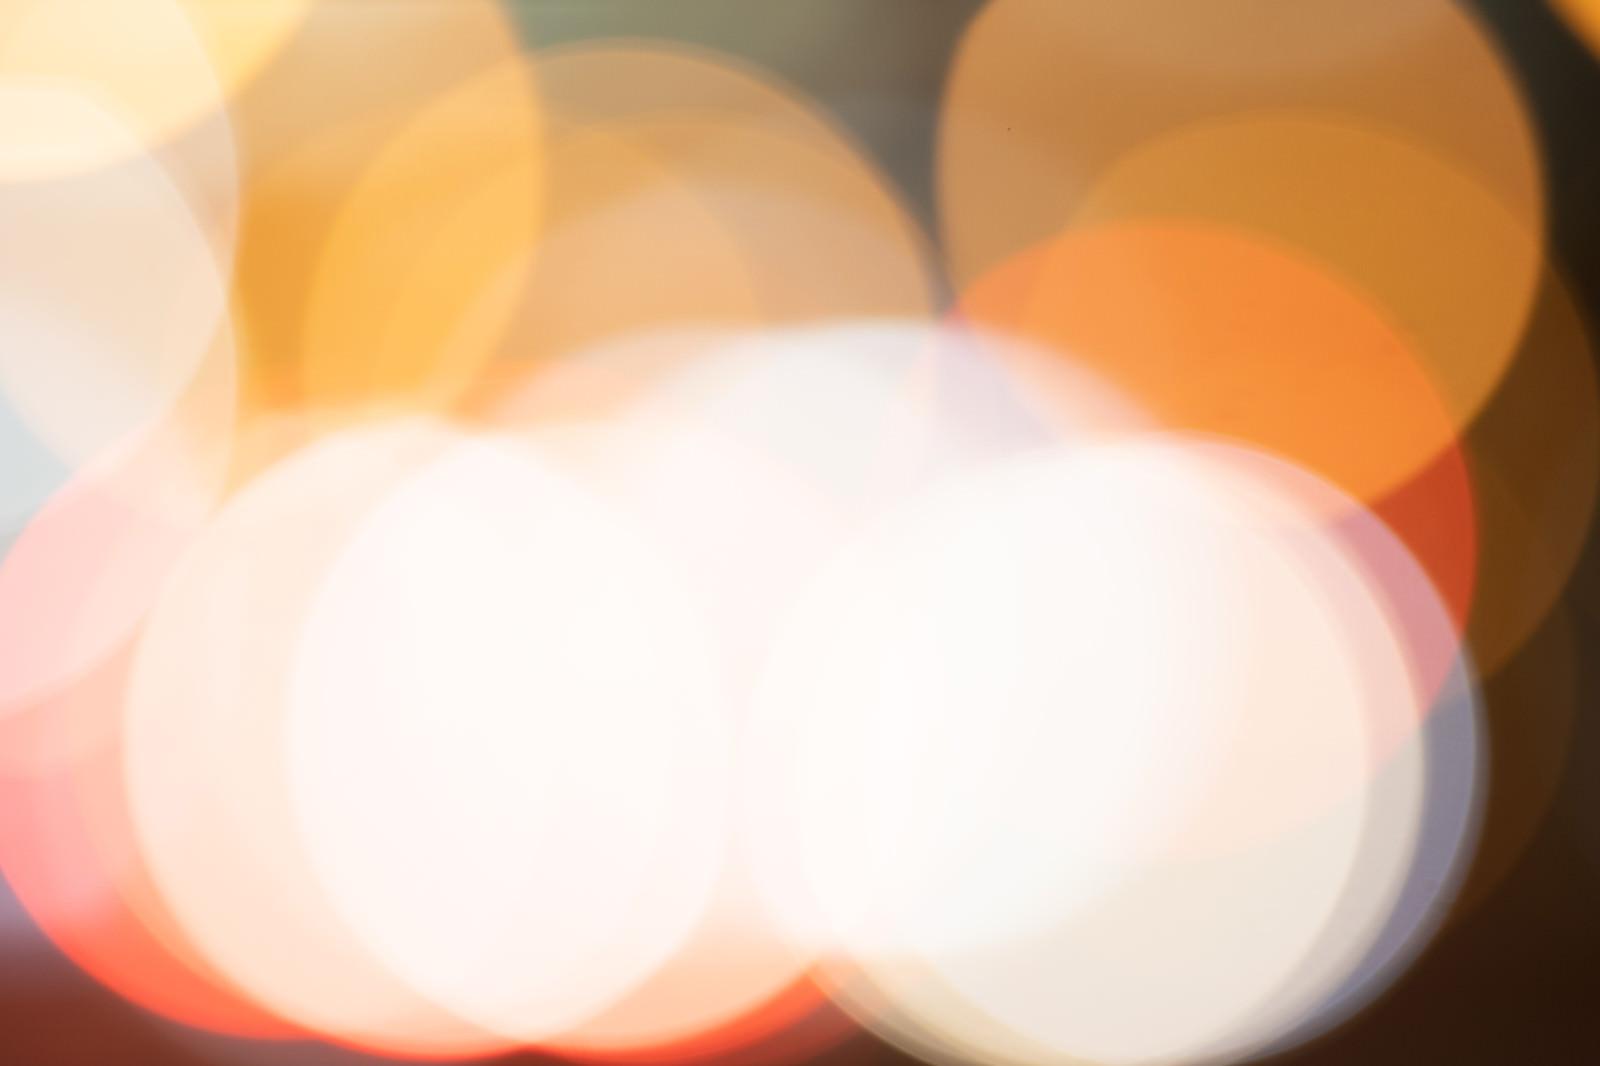 「オレンジ色の丸ボケ」の写真